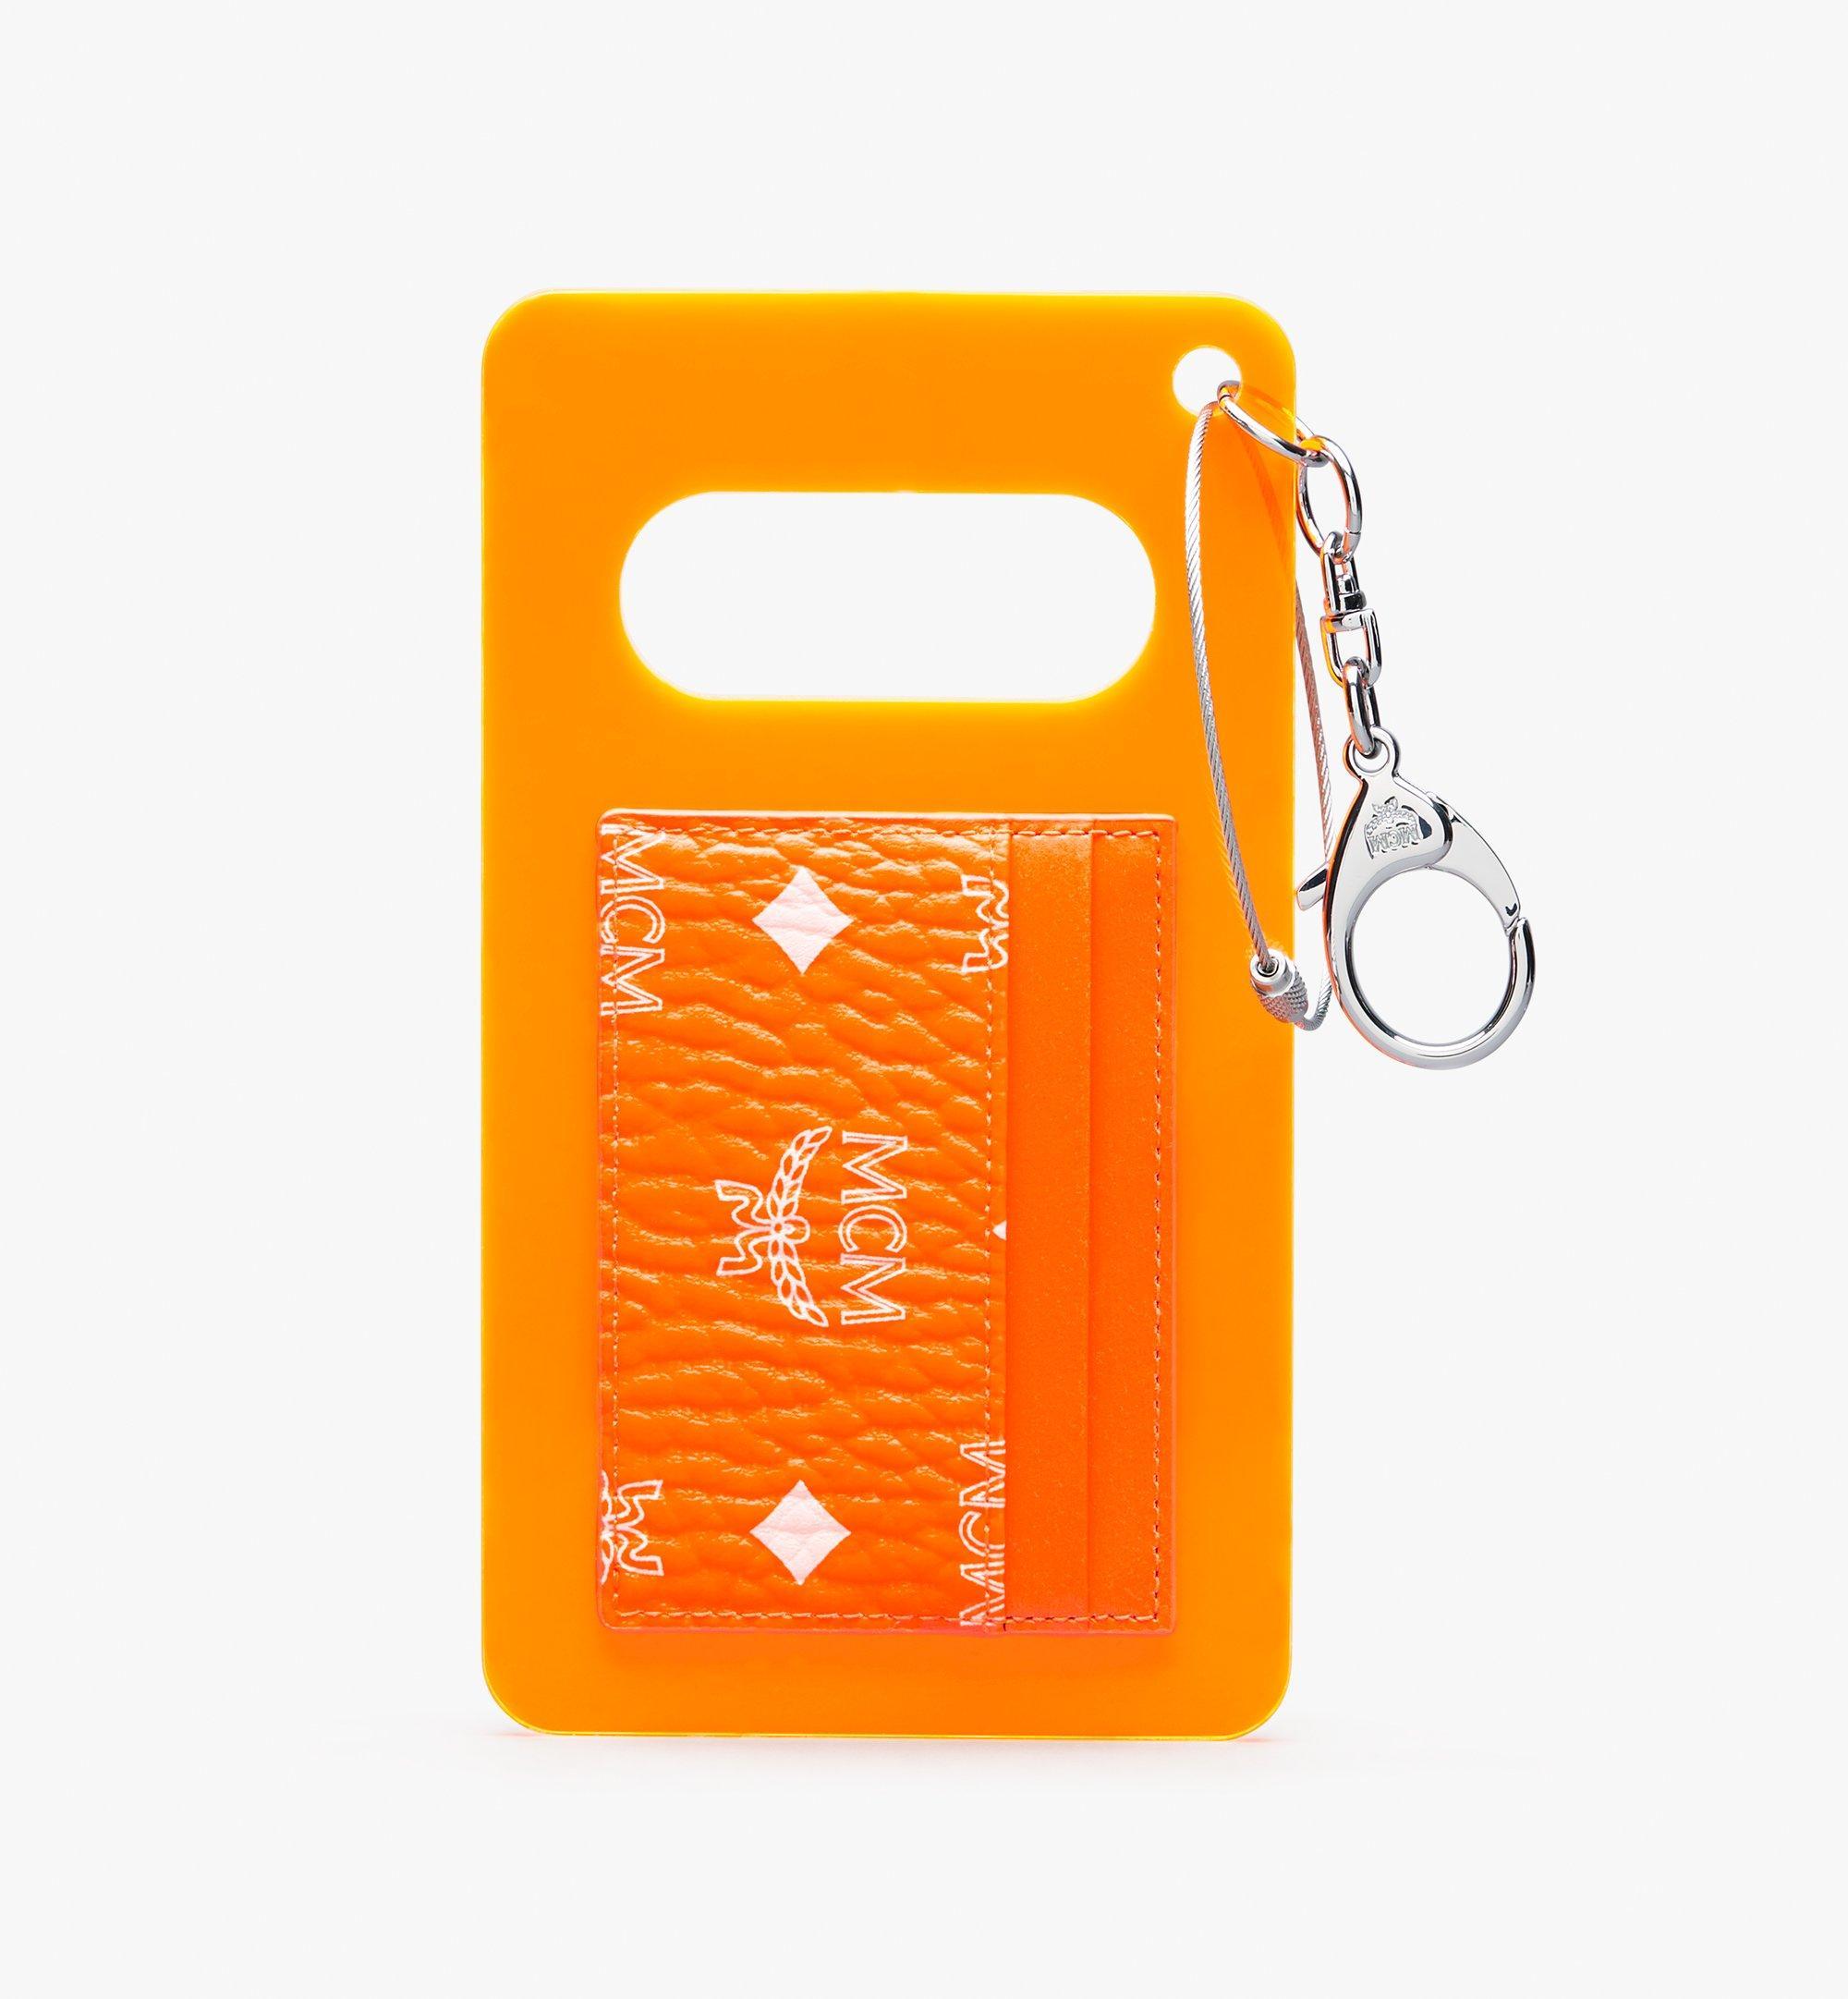 MCM 〈MCM by PHENOMENON〉アクリル ディスク カードケース - ヴィセトス Orange MYAASJP03OW001 ほかの角度から見る 1